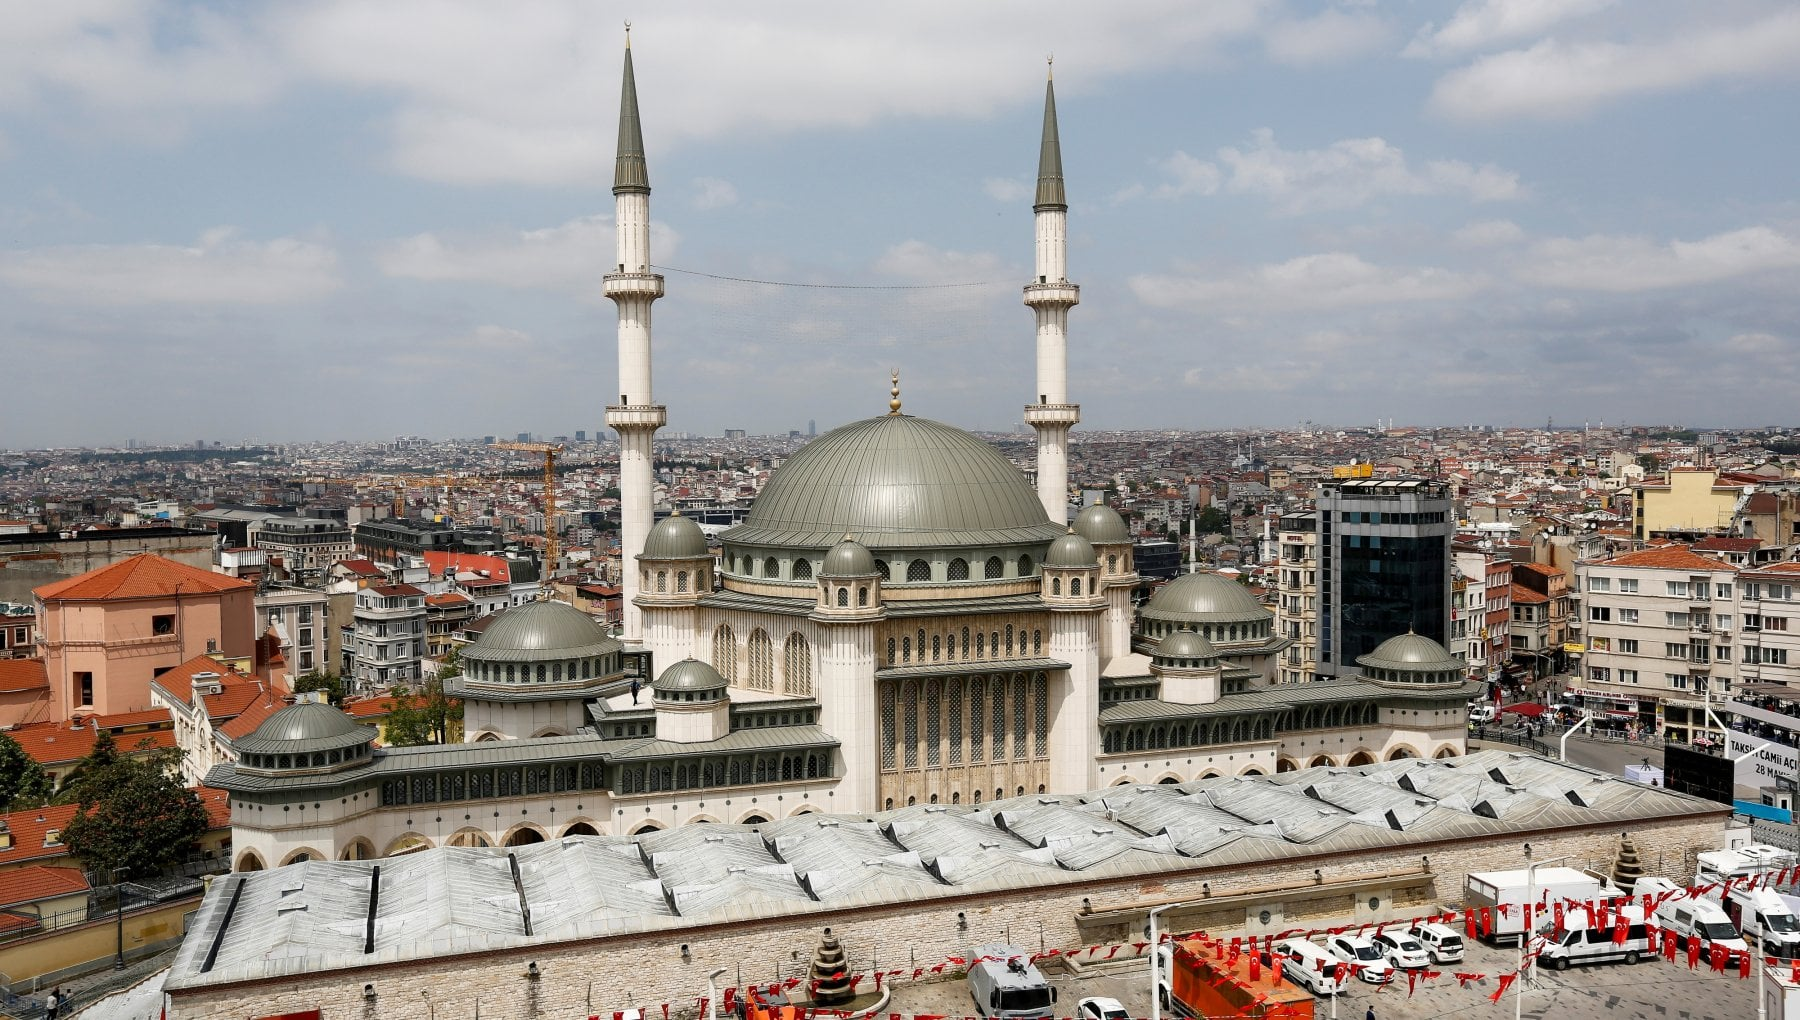 130028711 0ddb1625 be20 427e 981f 64a9e5002818 - Istanbul, Erdogan si prende Taksim: inaugurata la moschea del trionfo nella piazza simbolo della Turchia laica